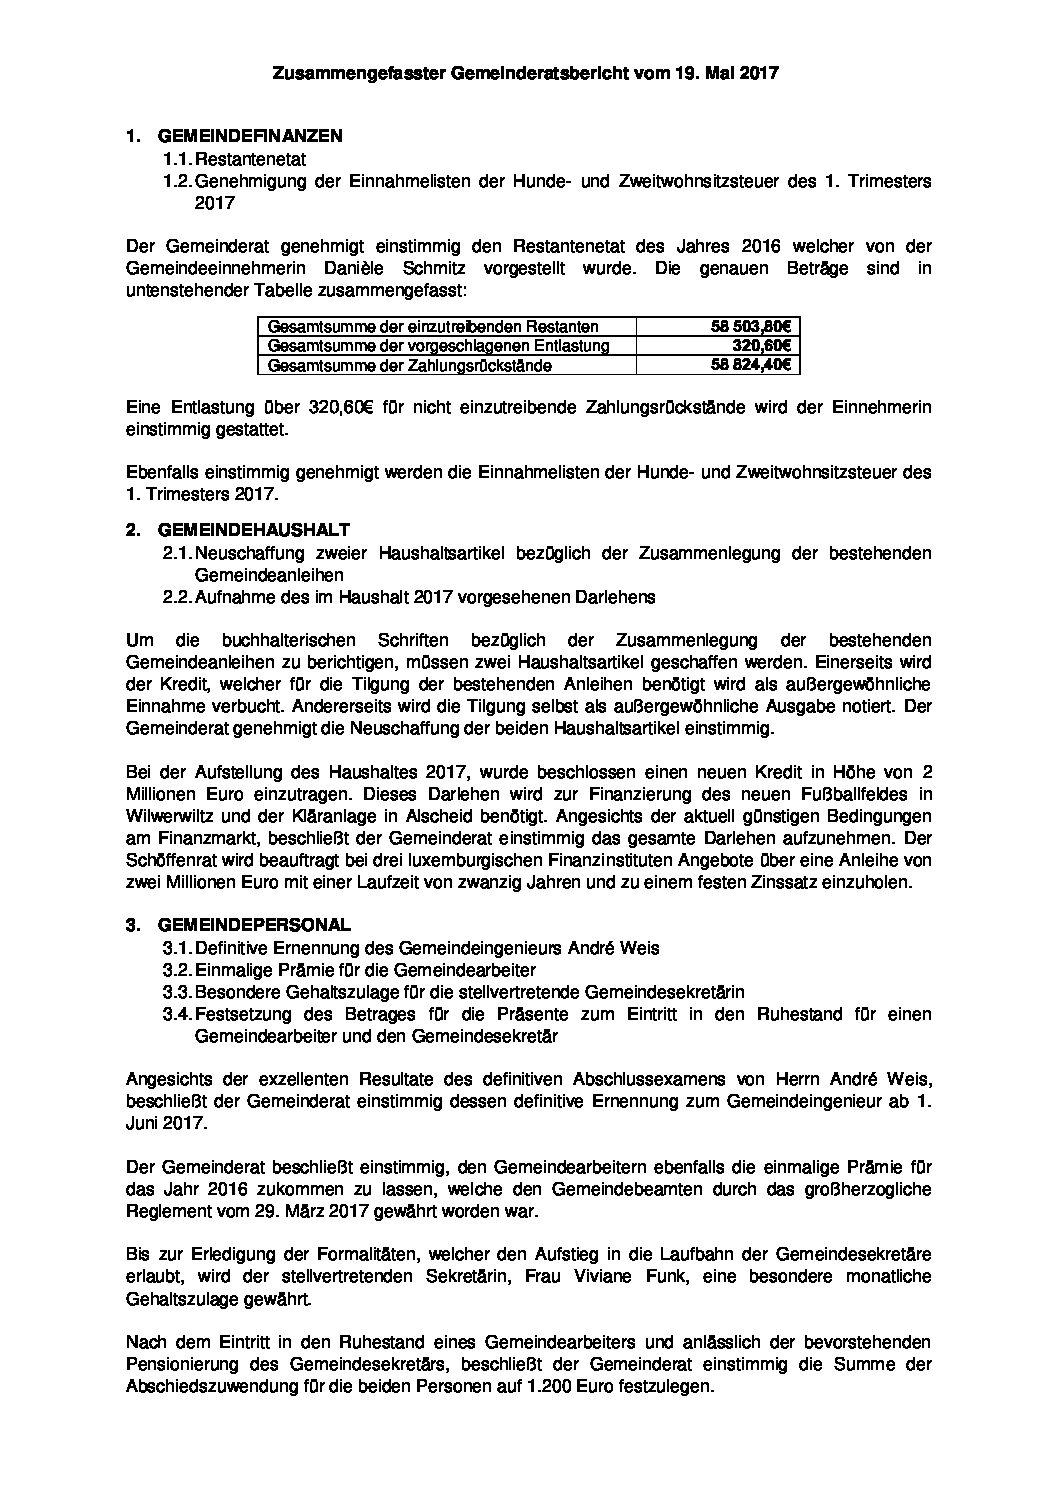 Gemeinderats Bericht vom 13. Mai 2017